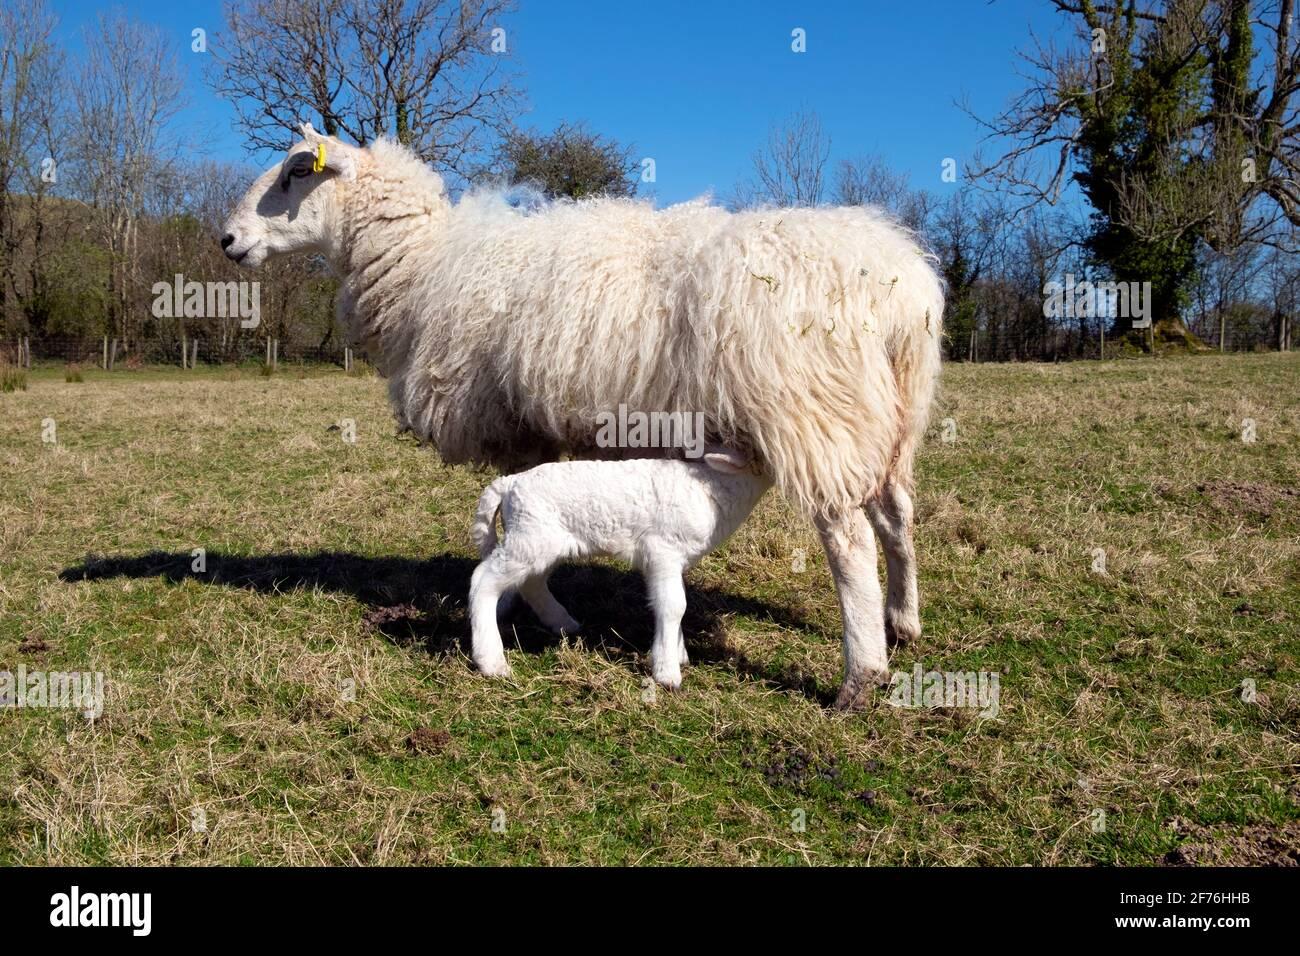 La brebis allaitante et le bébé agneau sucer de mère brebis debout Dans un champ au soleil de printemps sur la ferme avril Carmarthenshire West Wales UK KATHY DEWITT Banque D'Images